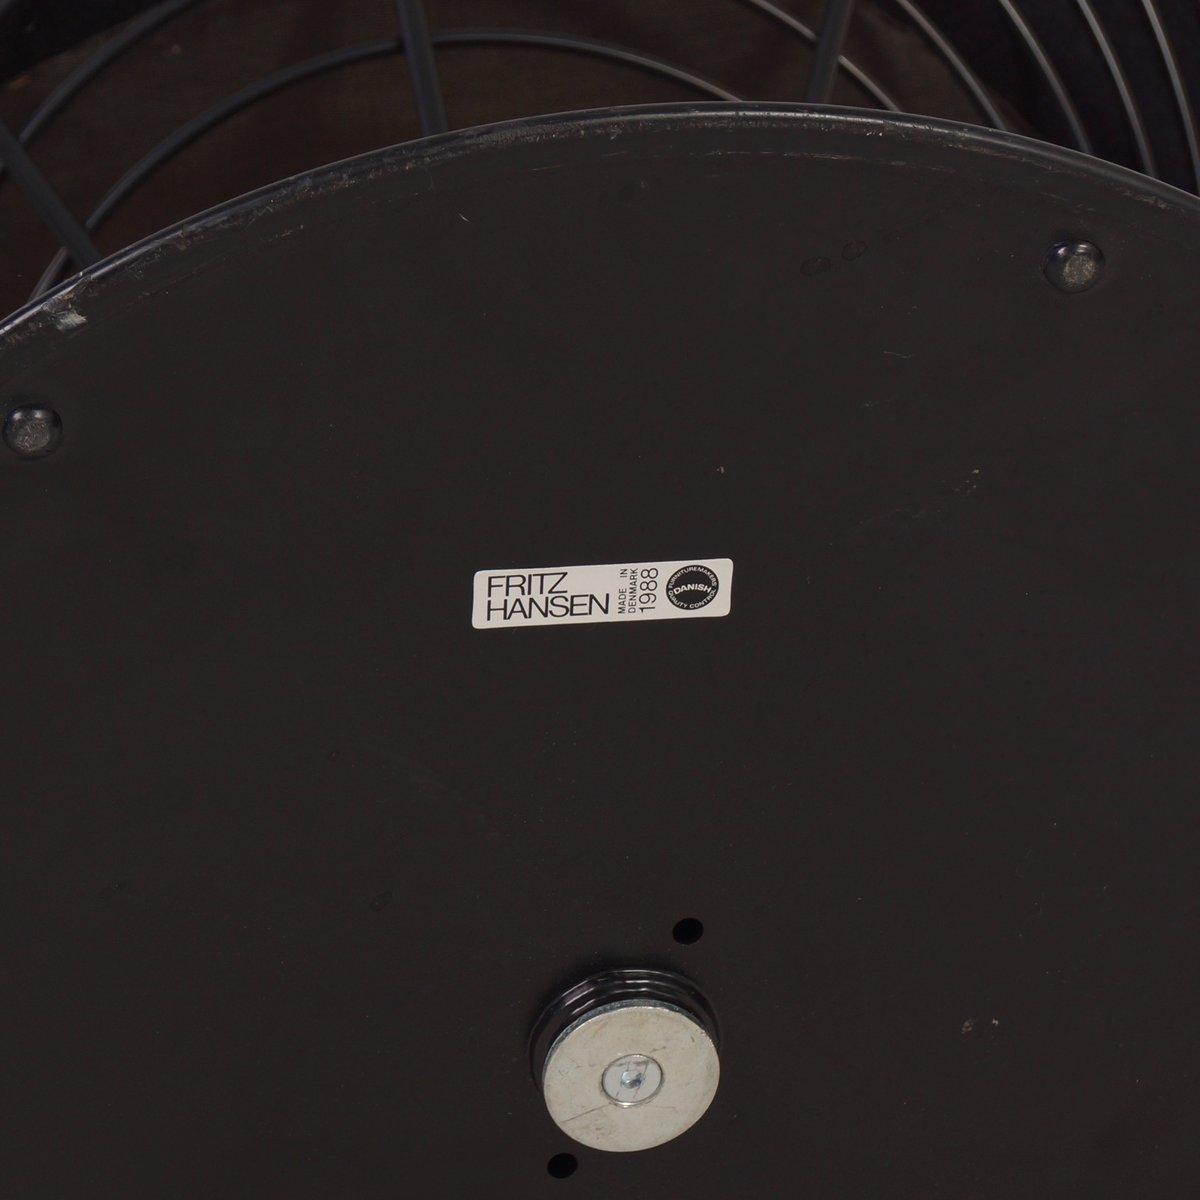 Ausgezeichnet Nest Thermostat Blauer Draht Ideen - Elektrische ...